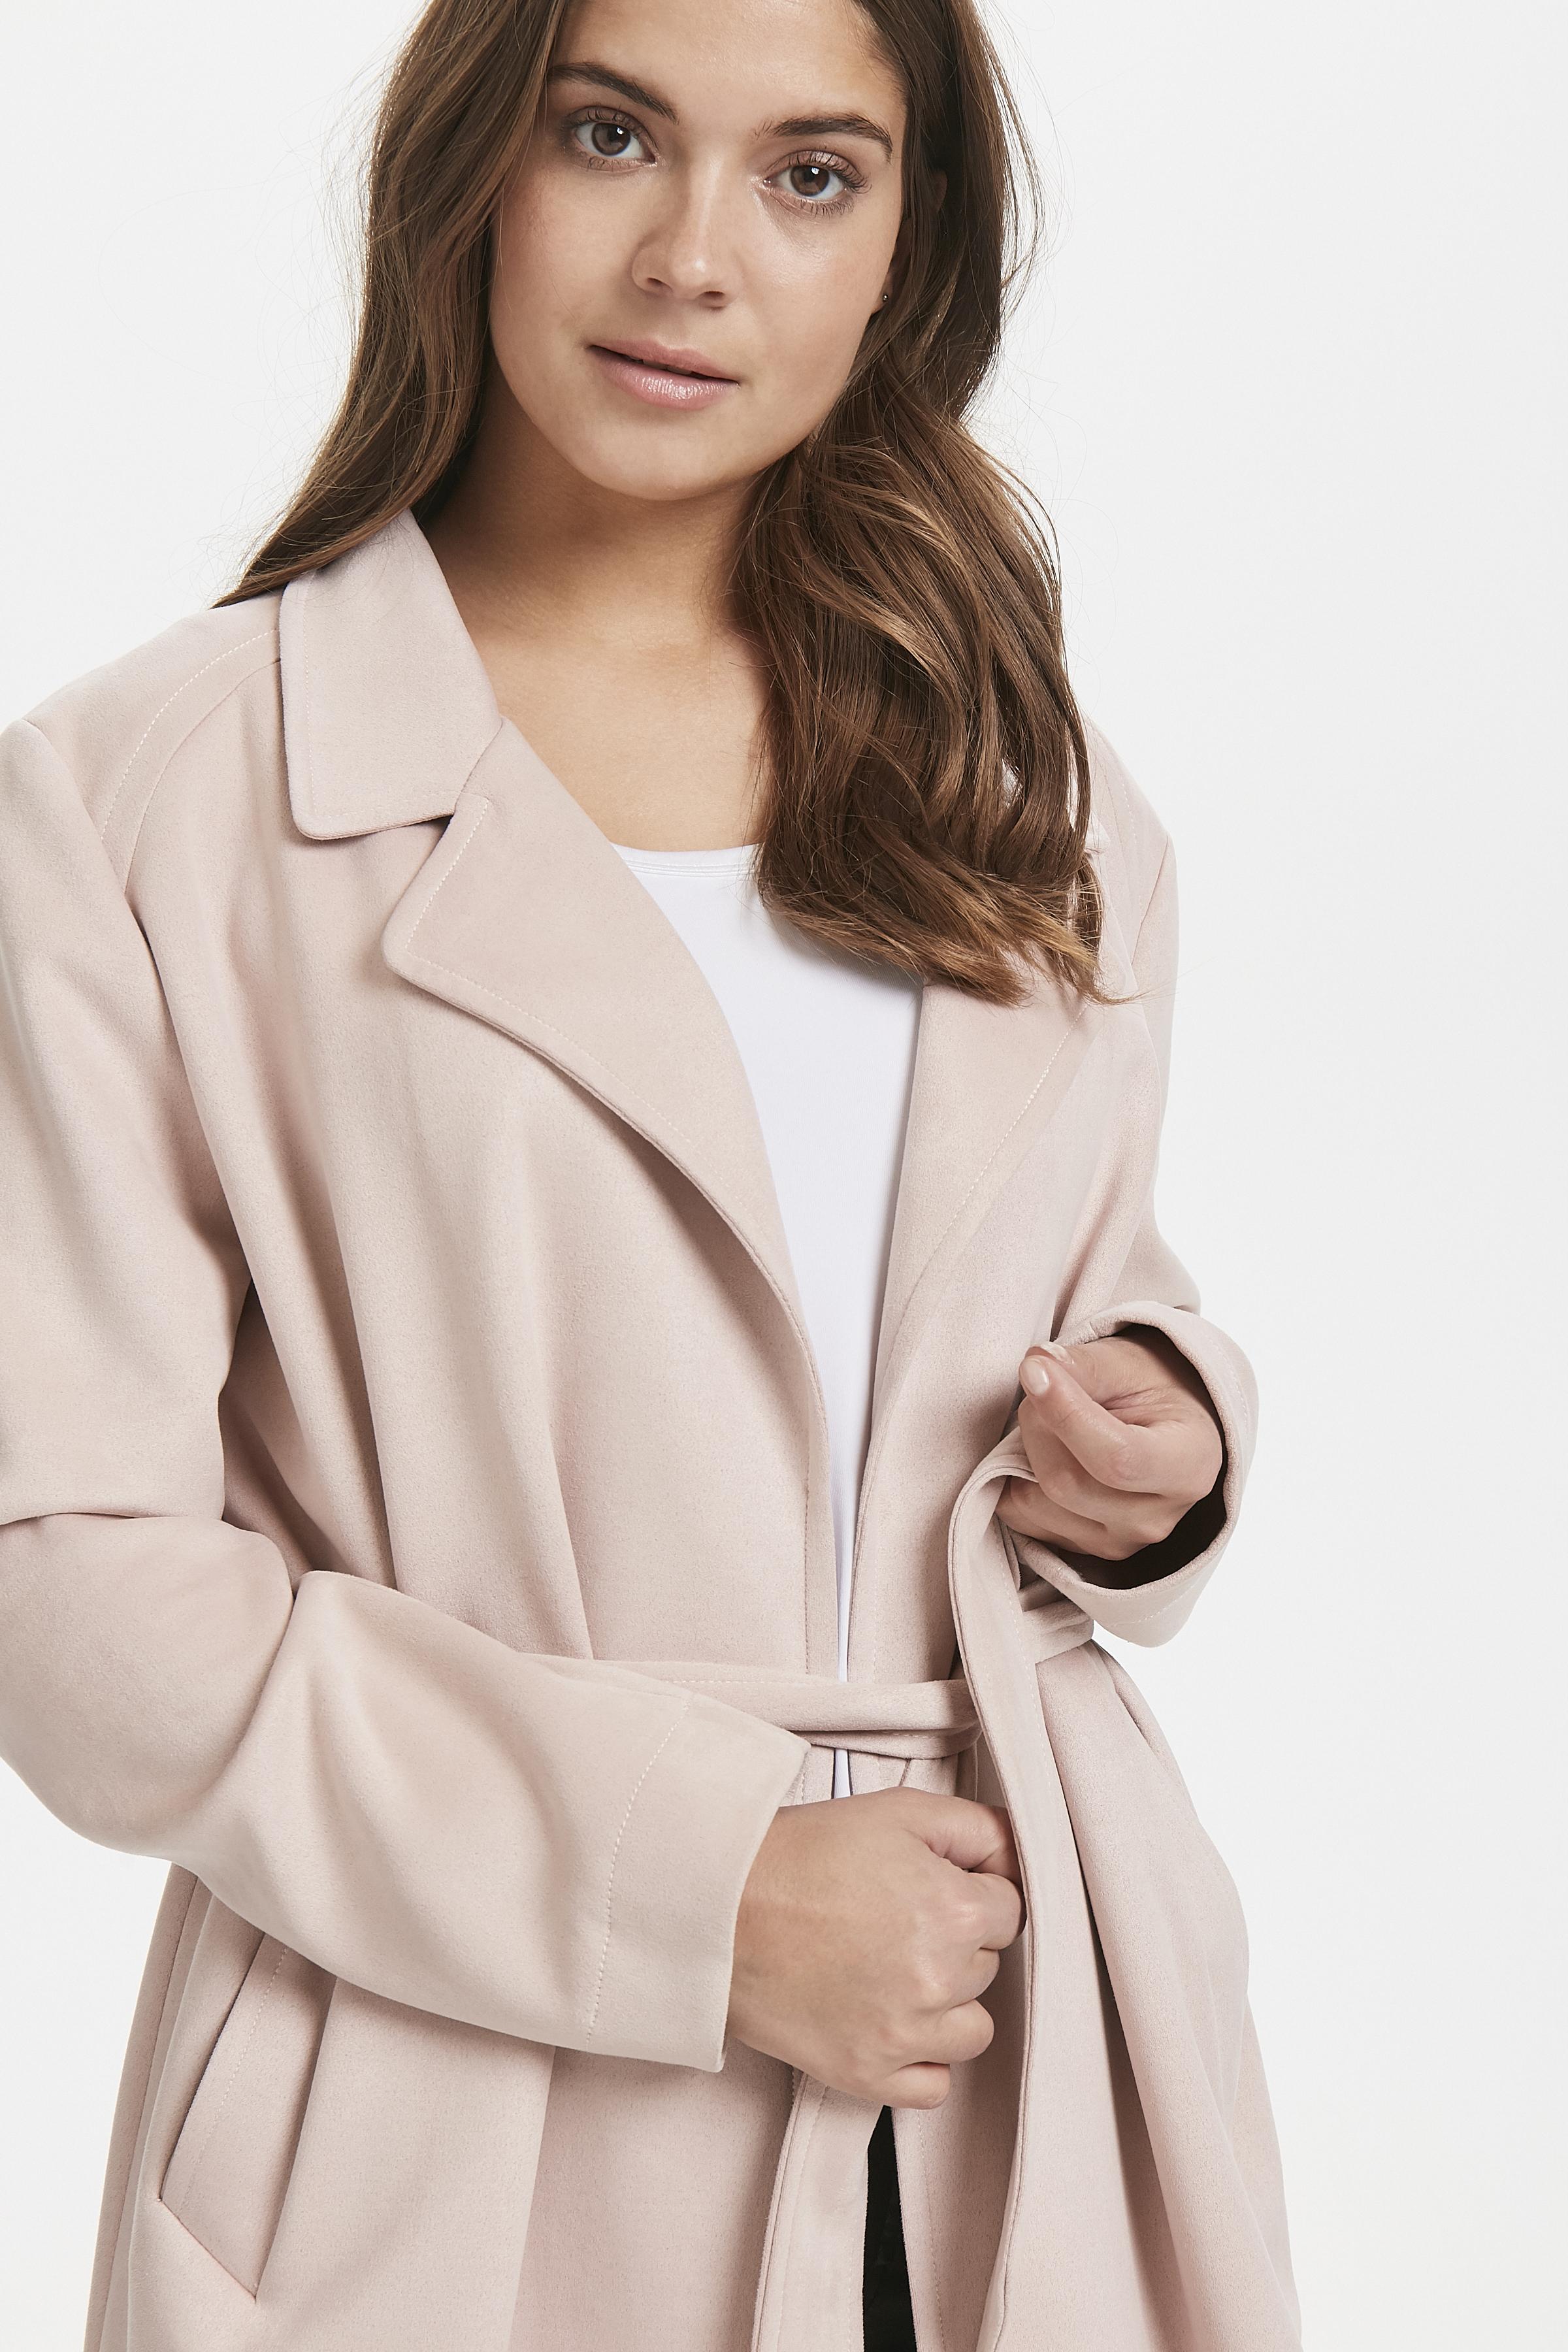 Rose Cloud Jacke von b.young – Kaufen Sie Rose Cloud Jacke aus Größe 34-42 hier